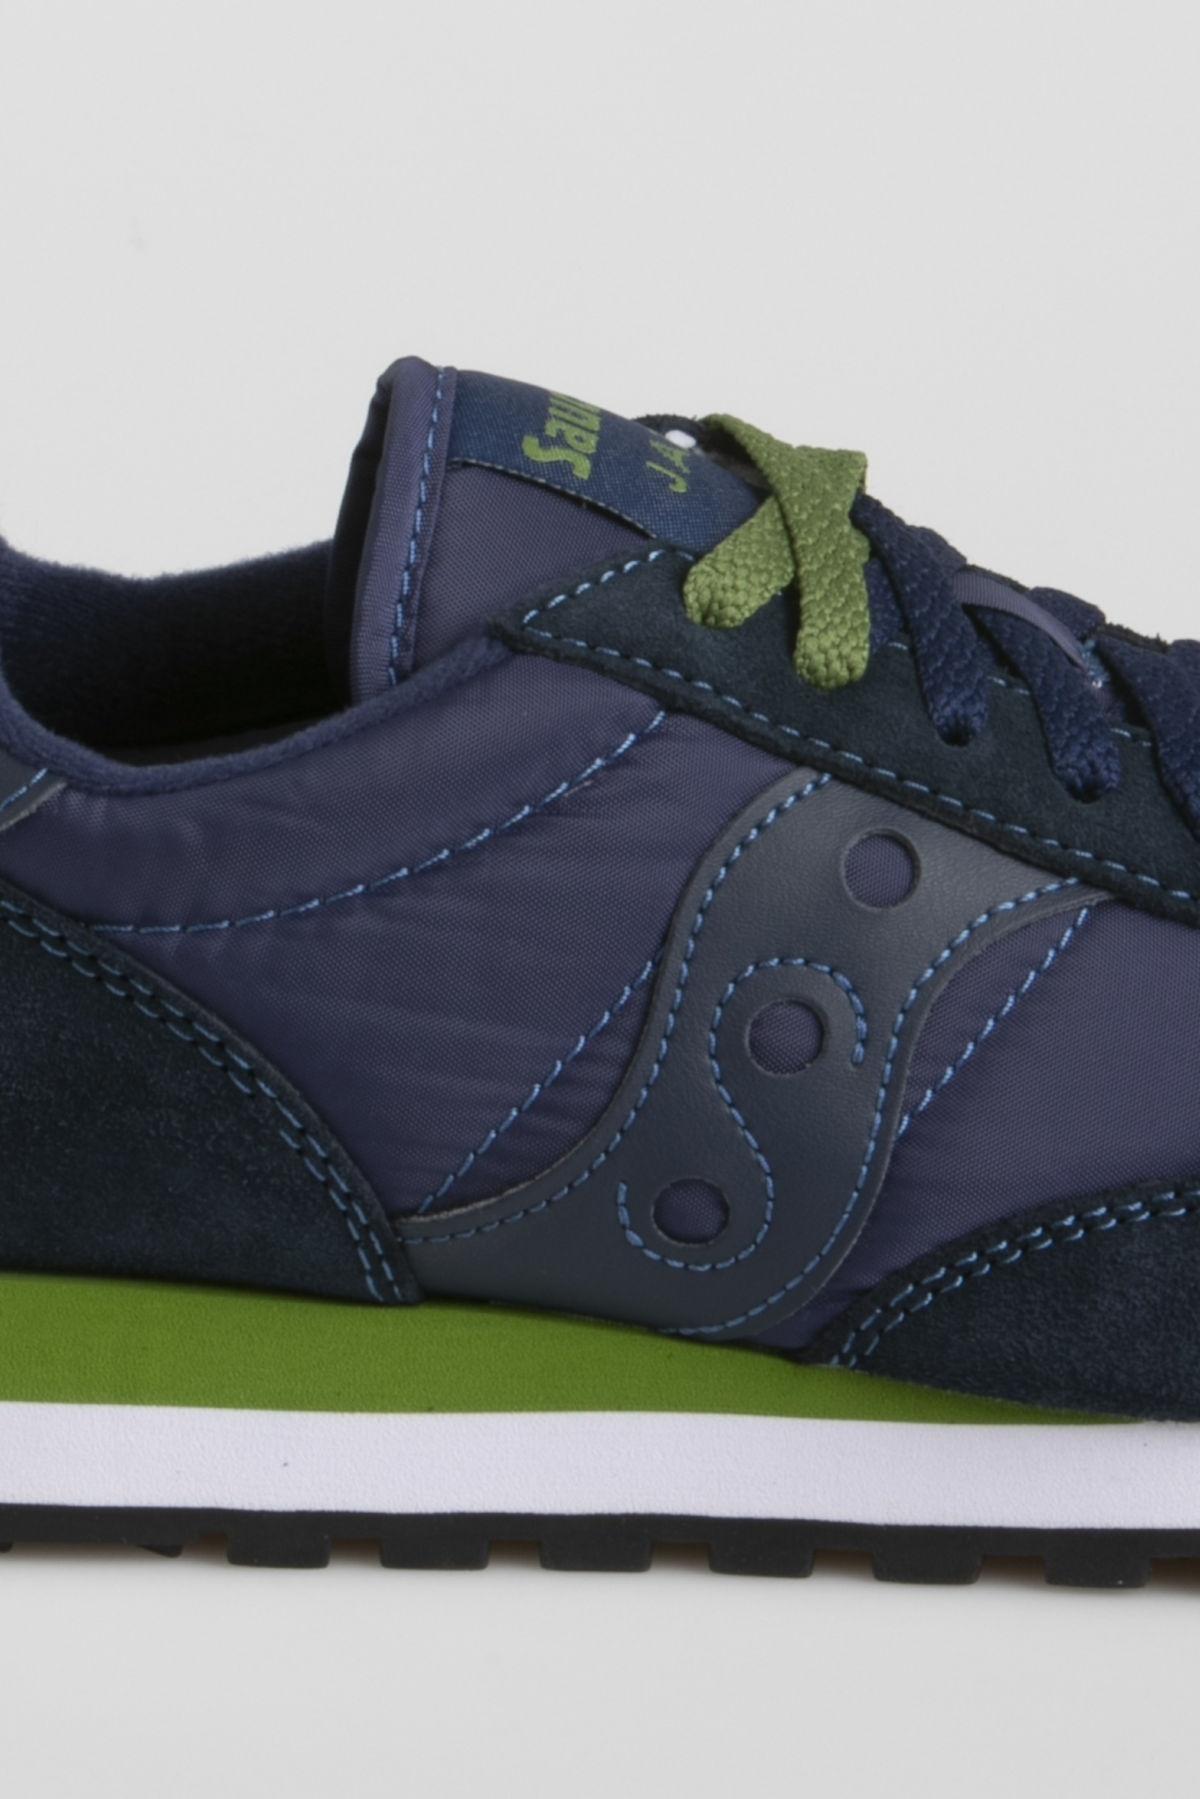 SAUCONY JAZZ O' blue / green F/W 19-20